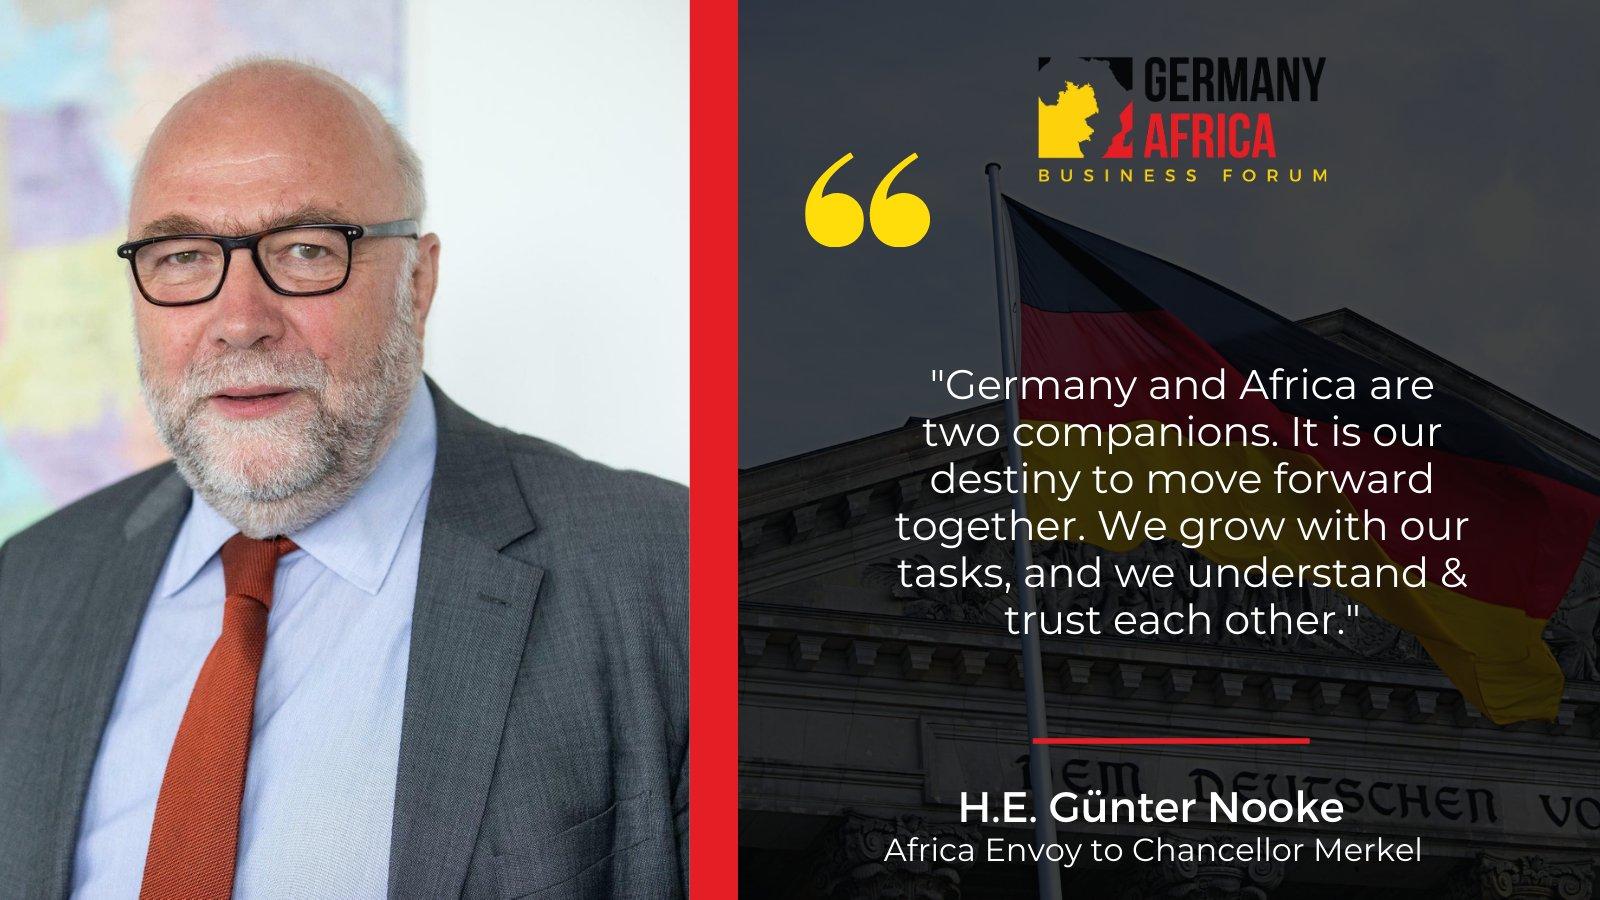 H.E Günter Nooke, Africa Envoy to Chancellor Merkel